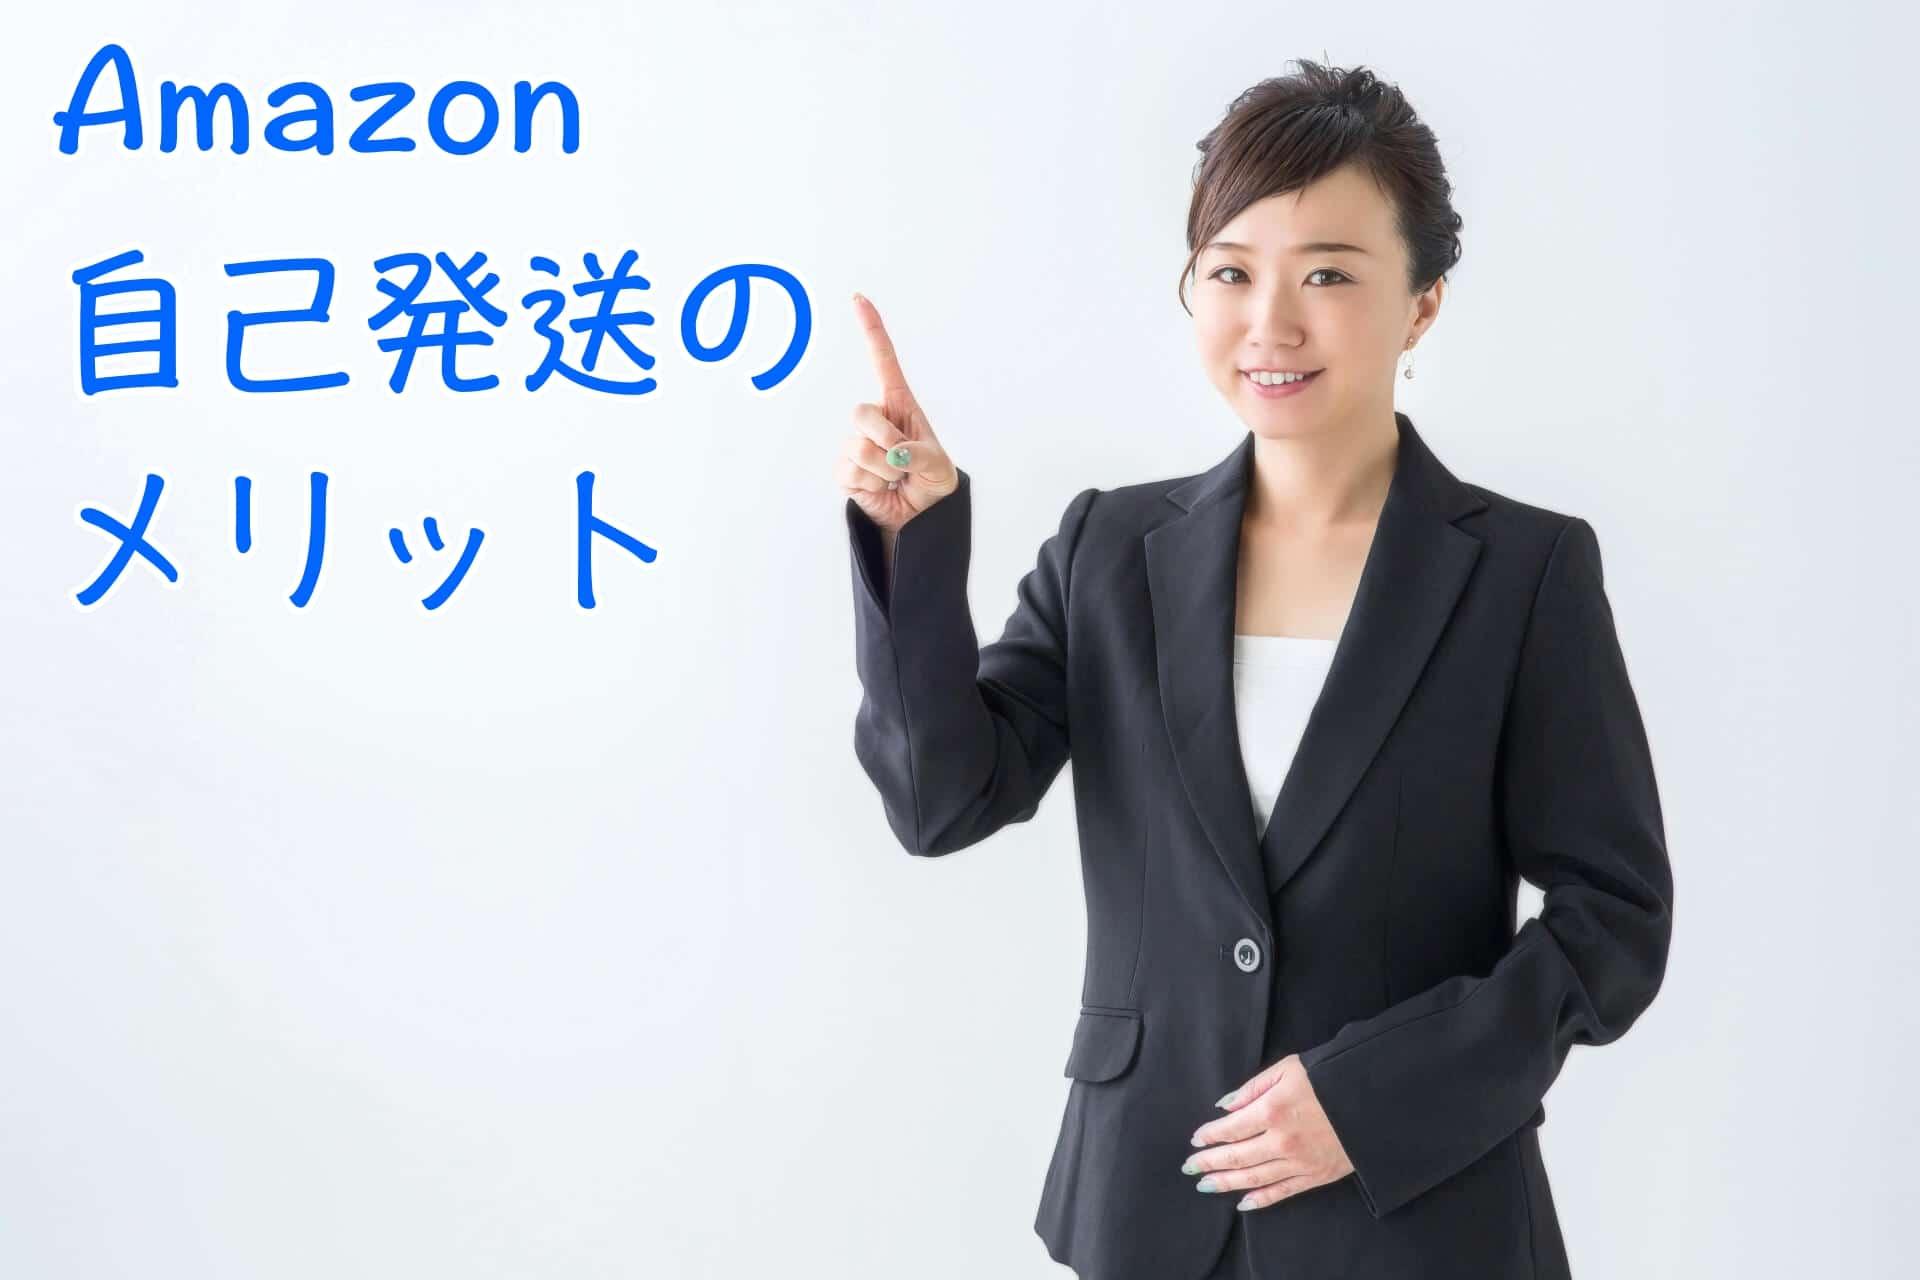 Amazon自己発送のメリット